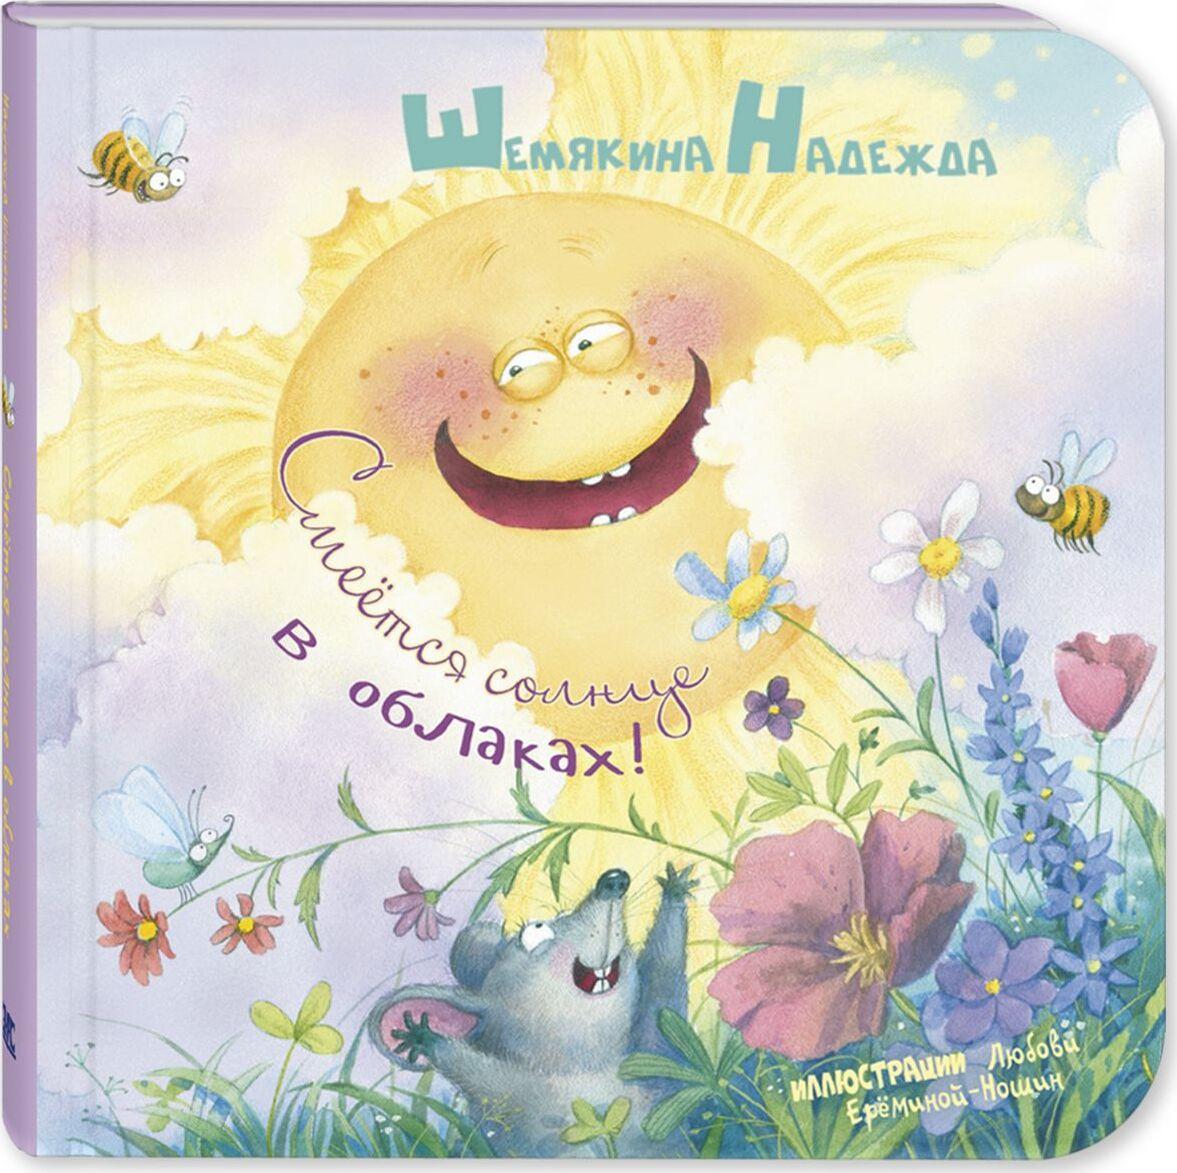 Смеется солнце в облаках!   Шемякина Надежда #1